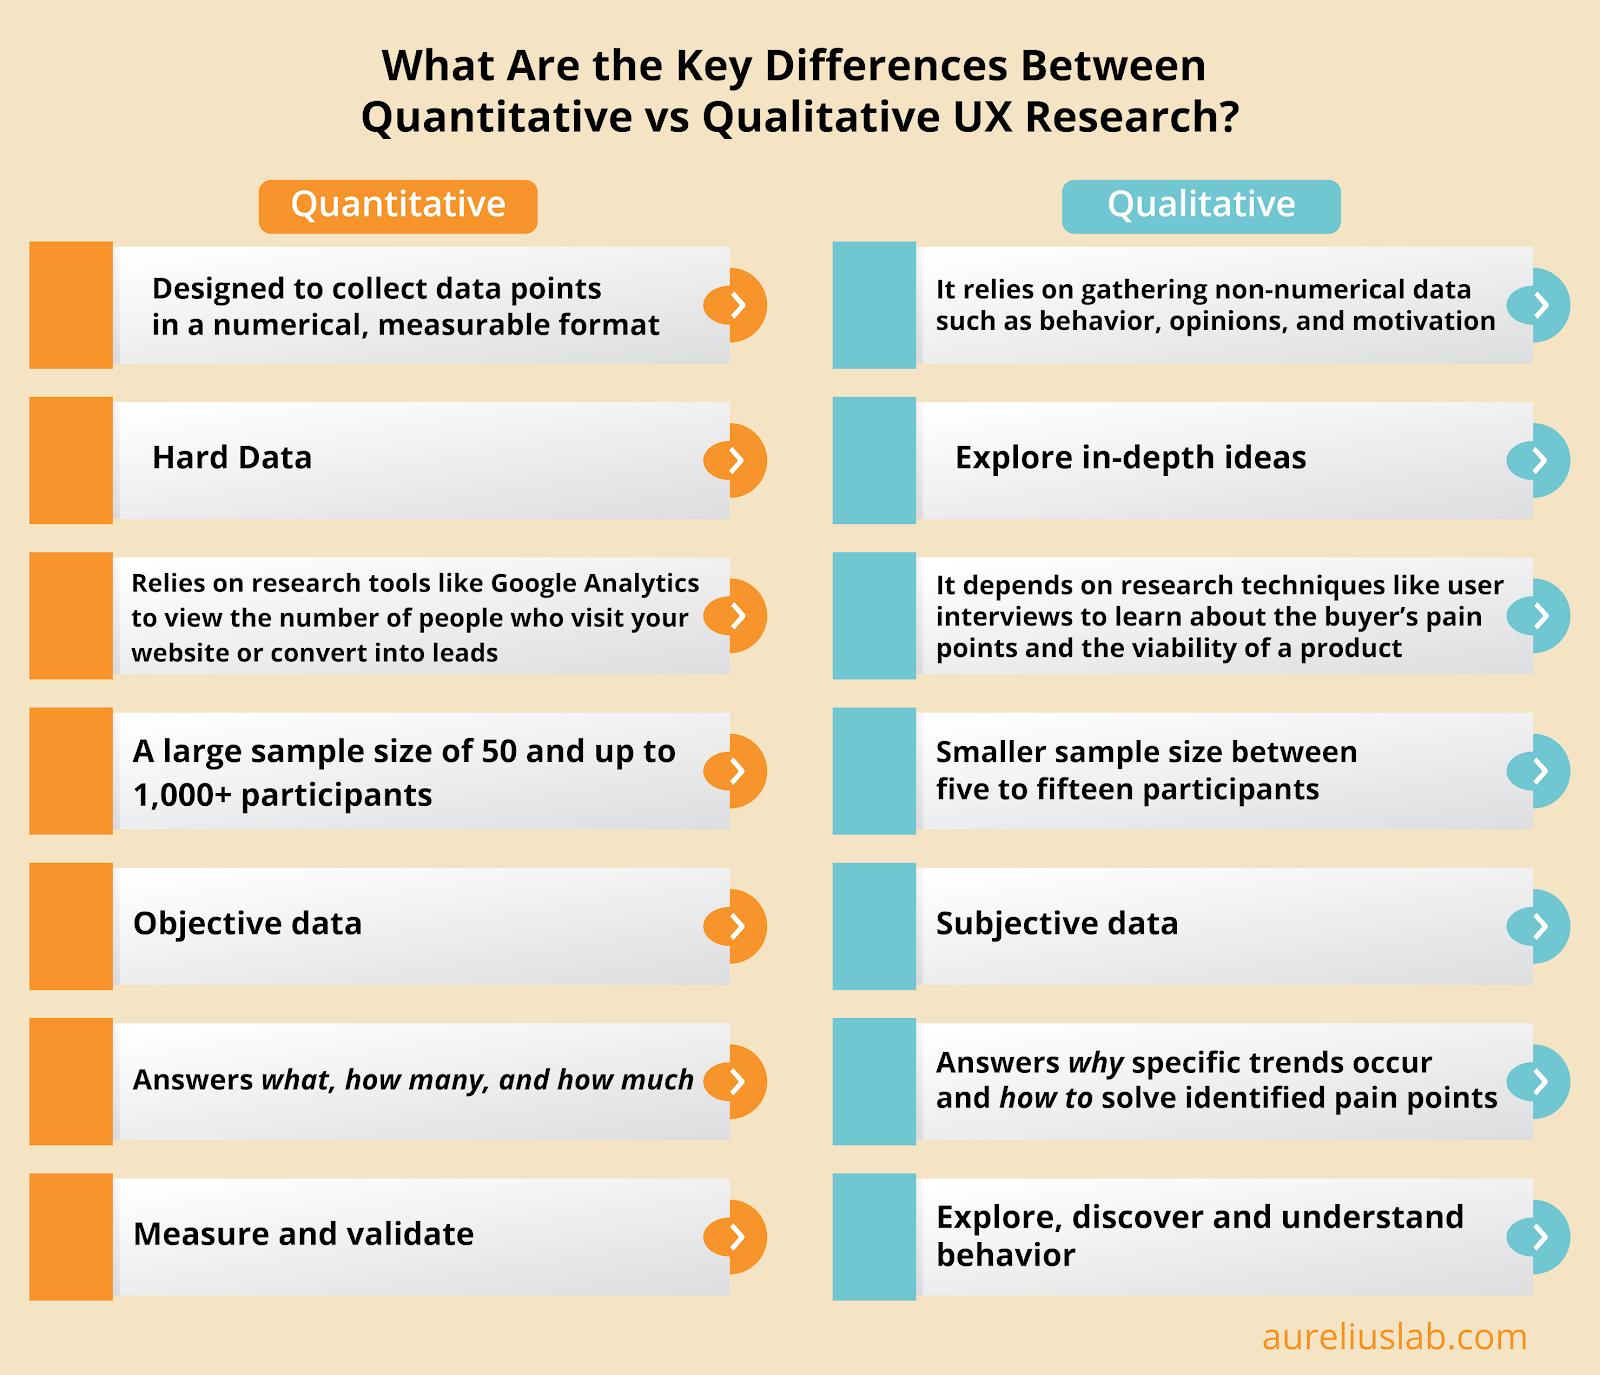 quantitative vs qualitative ux research